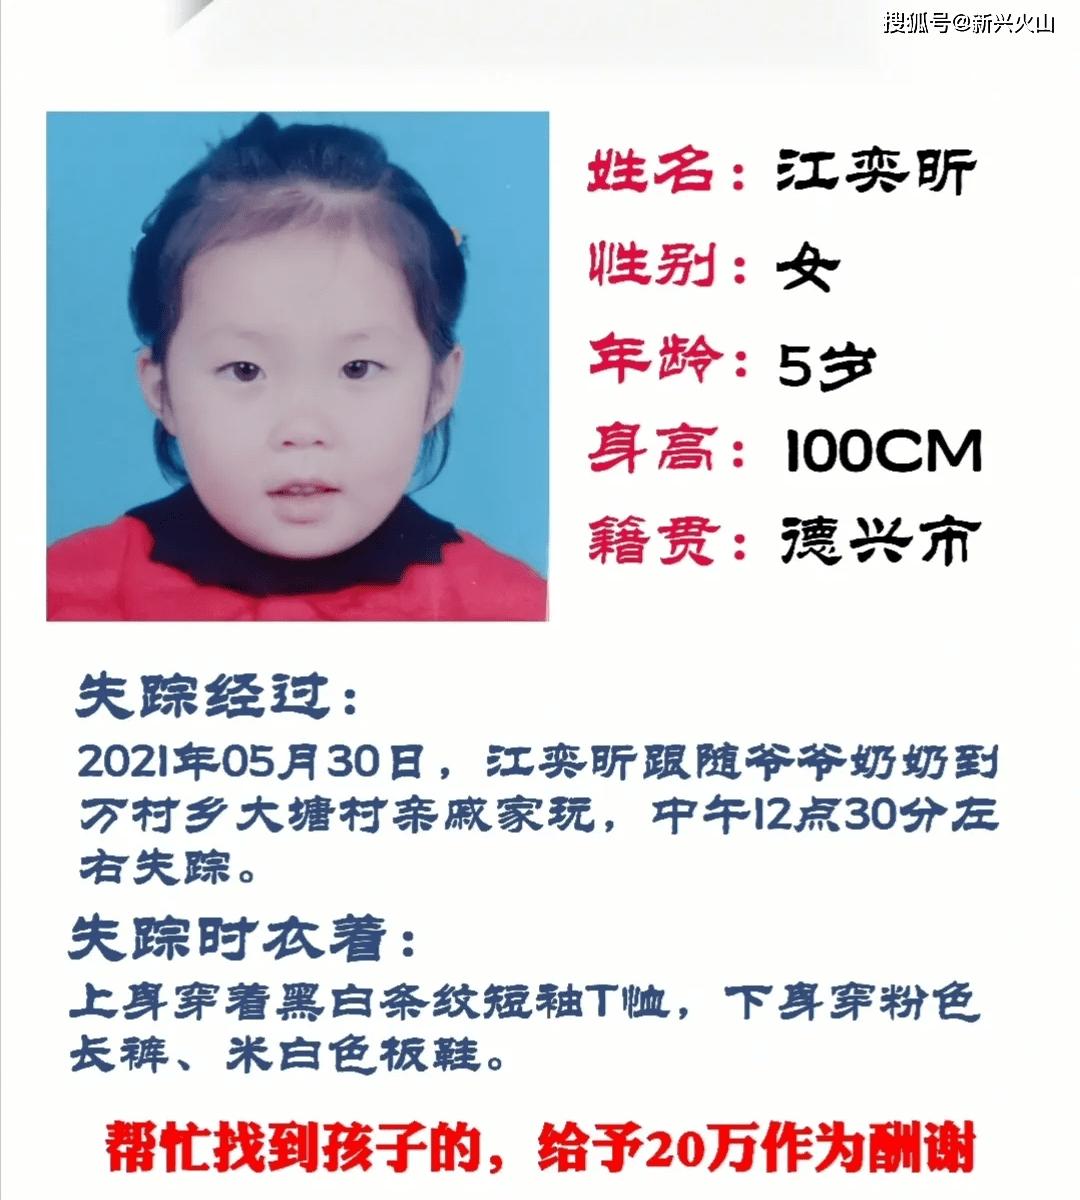 江西德兴5岁女童江奕昕离奇失踪,母亲赏20万寻人:只想孩子平安